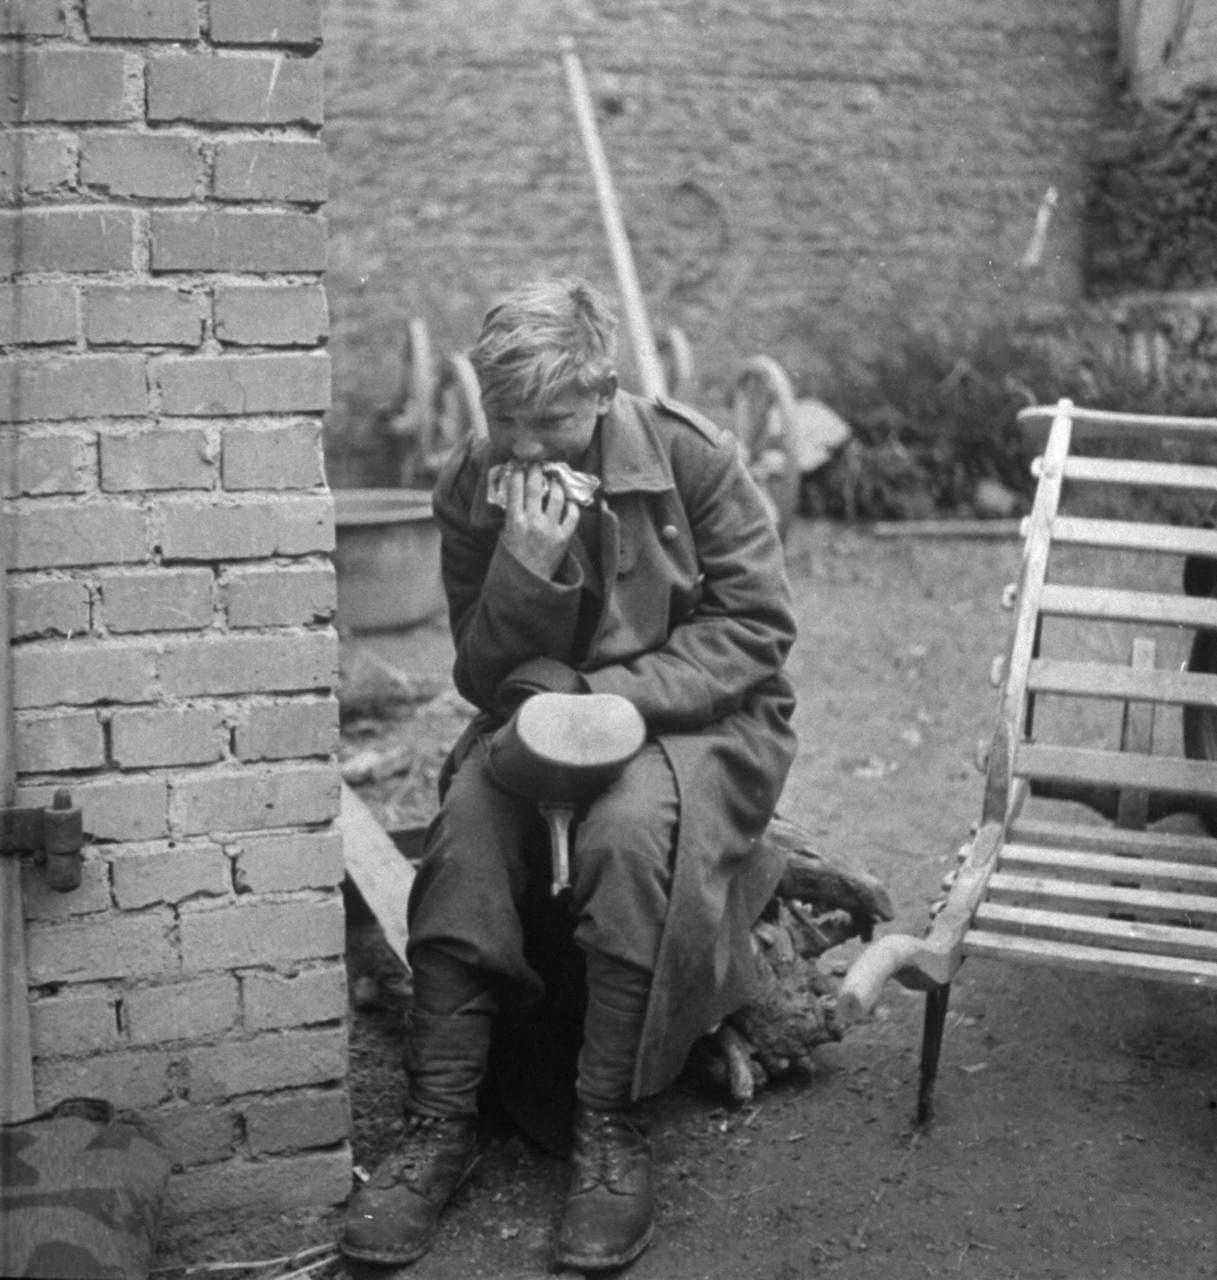 Hans-Georg Henke - 15 Year Old German Soldier 1